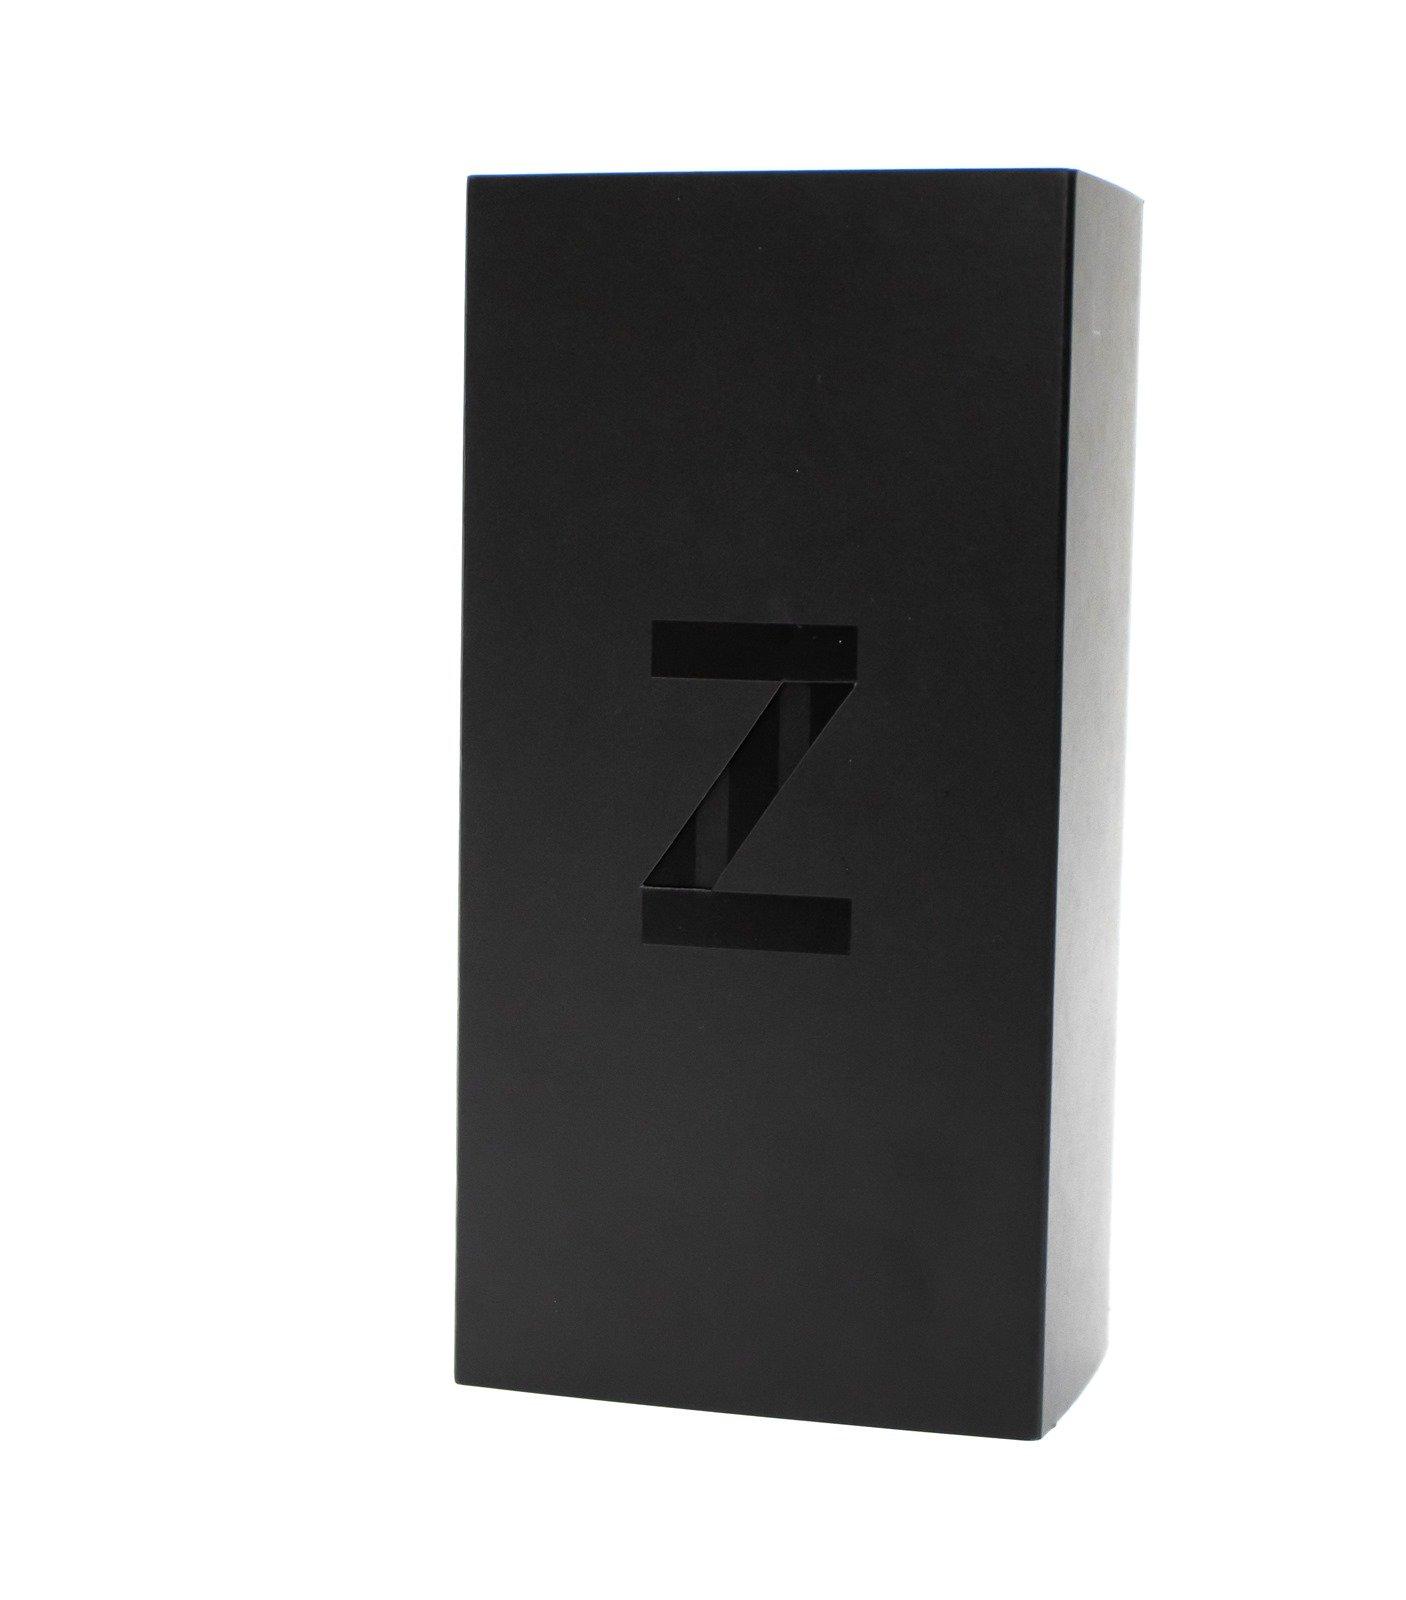 最期待的新機 Samsung Galaxy Z Flip 快速簡單開箱,看看全新盒裝裡面有什麼?!(Galaxy Z Flip unboxing) @3C 達人廖阿輝